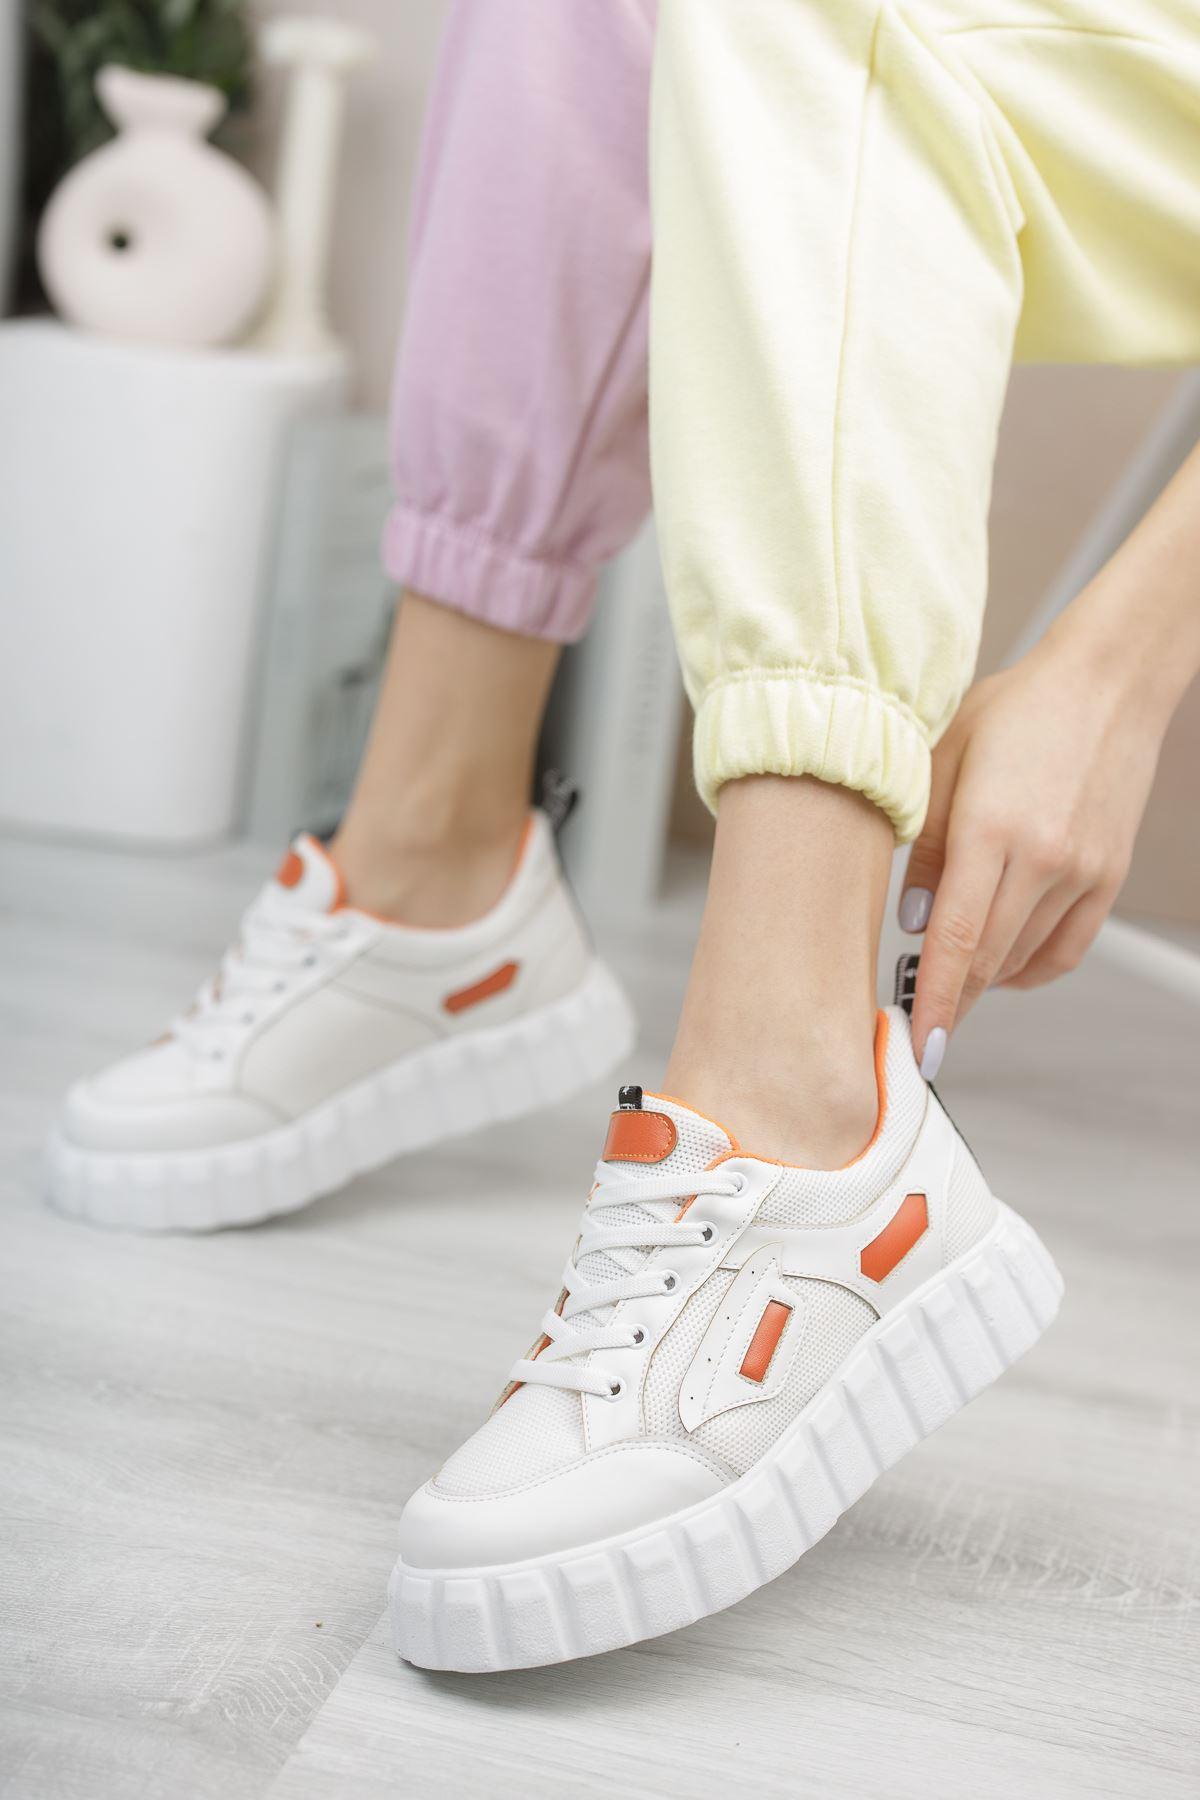 Hesti Beyaz Turuncu Kadın Spor Ayakkabı